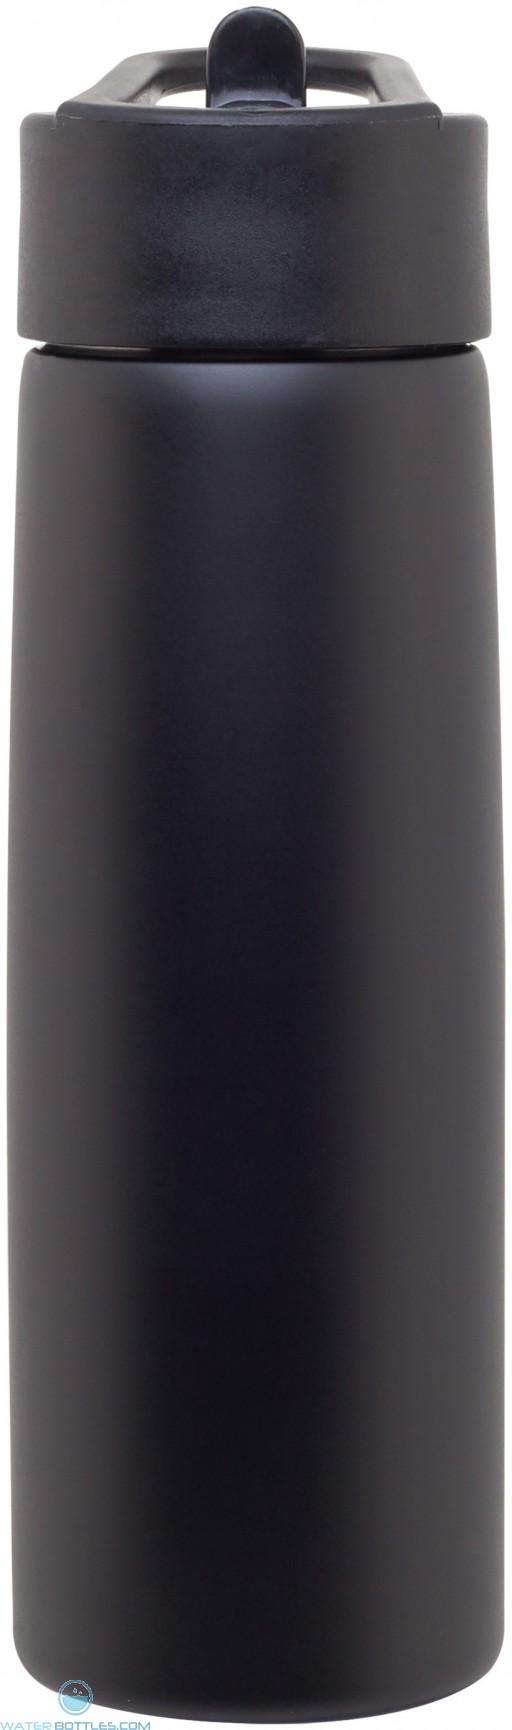 H2Go Hydra Water Bottles | 24 oz - Matte Black